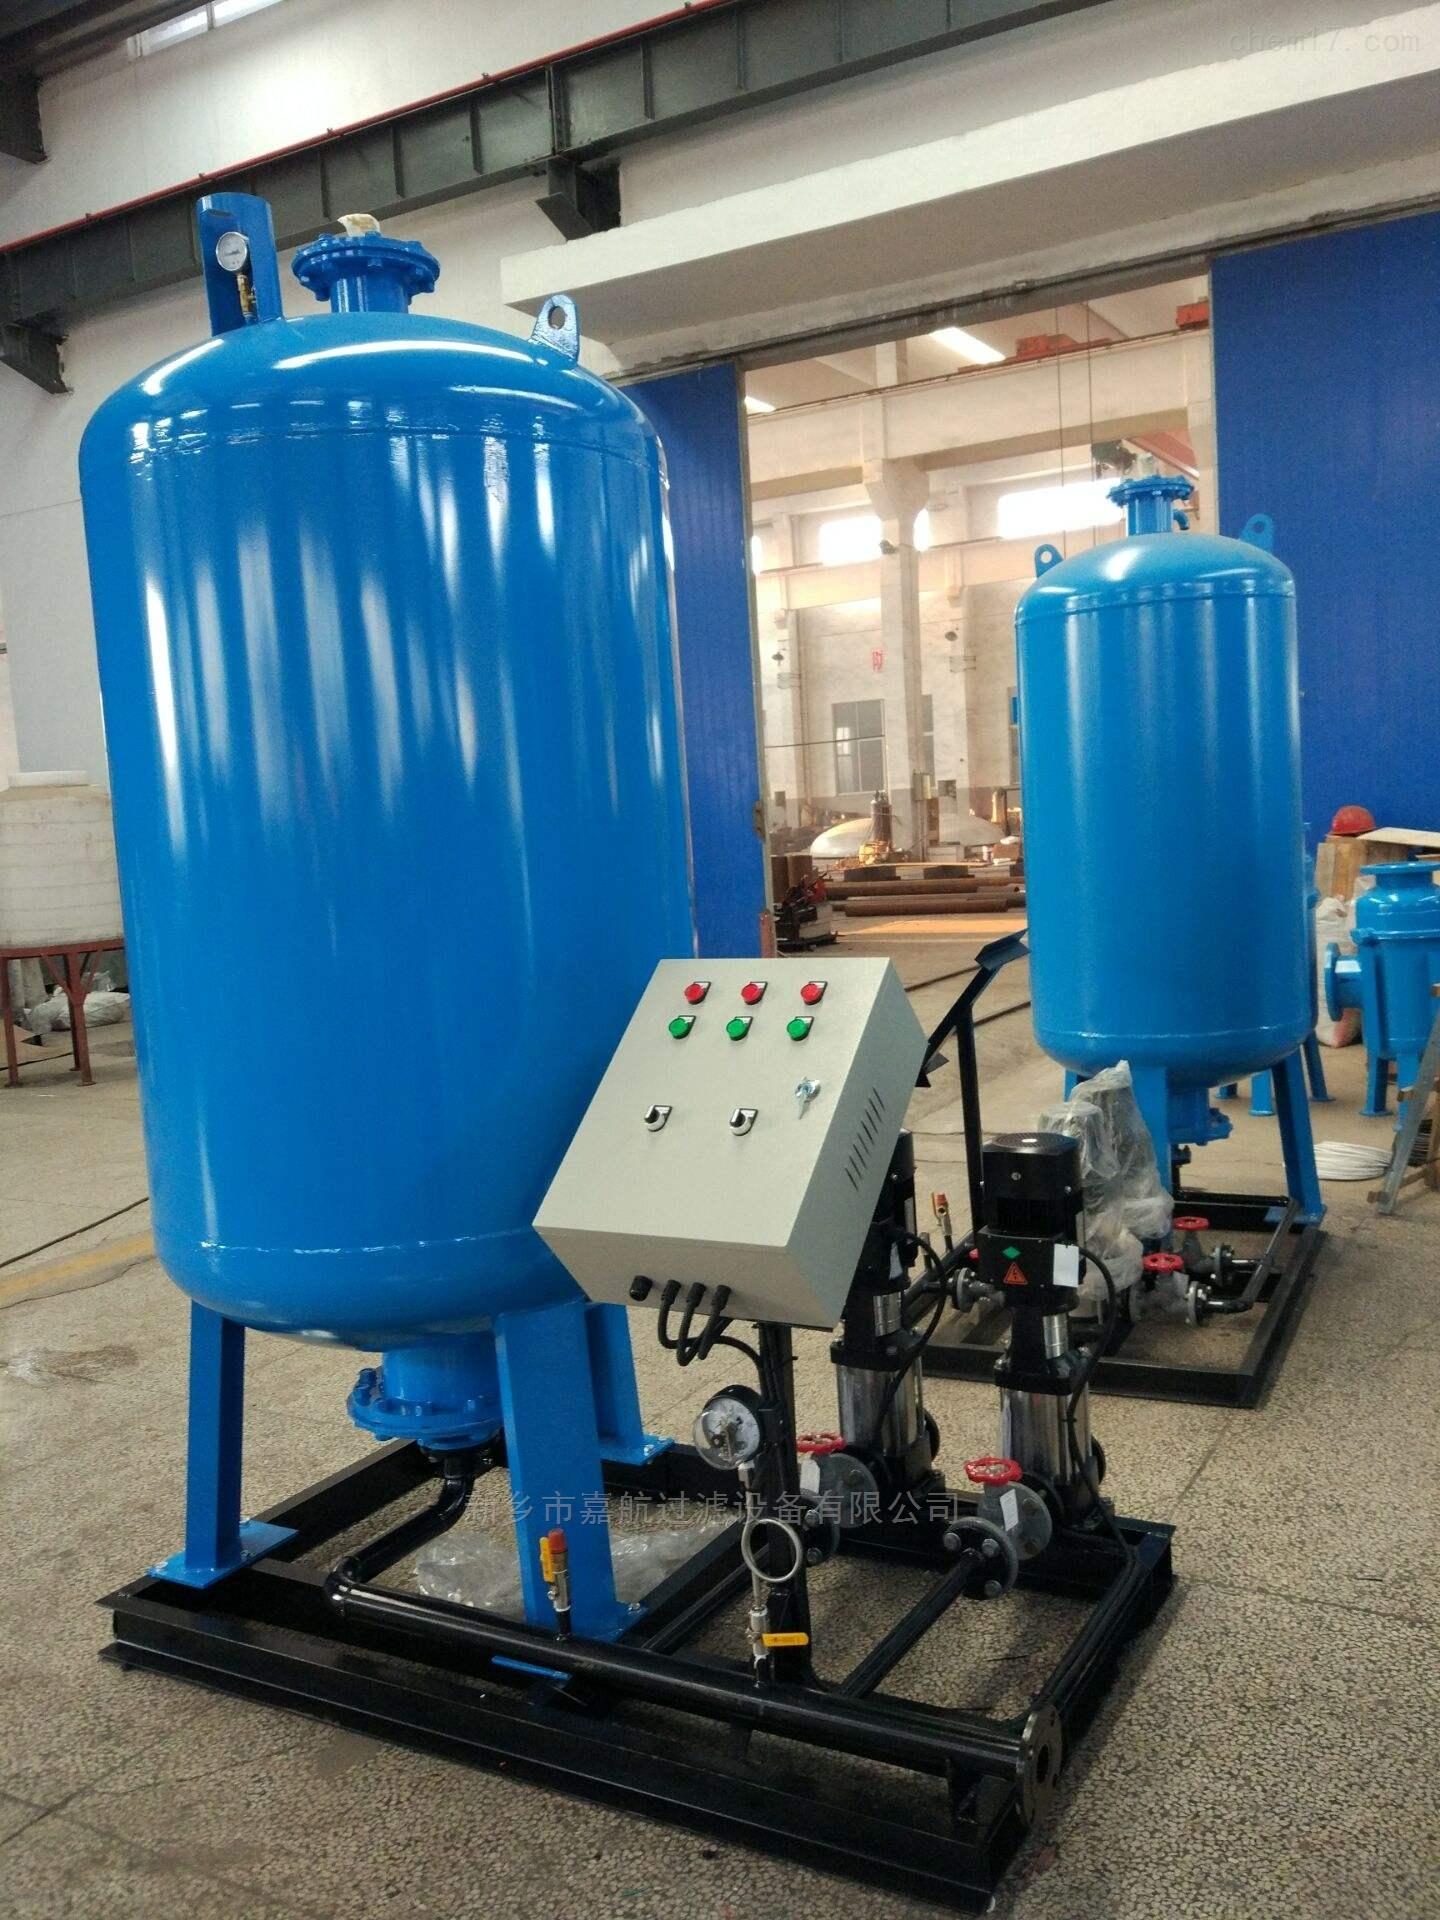 新式囊式定压补水装置使用介绍